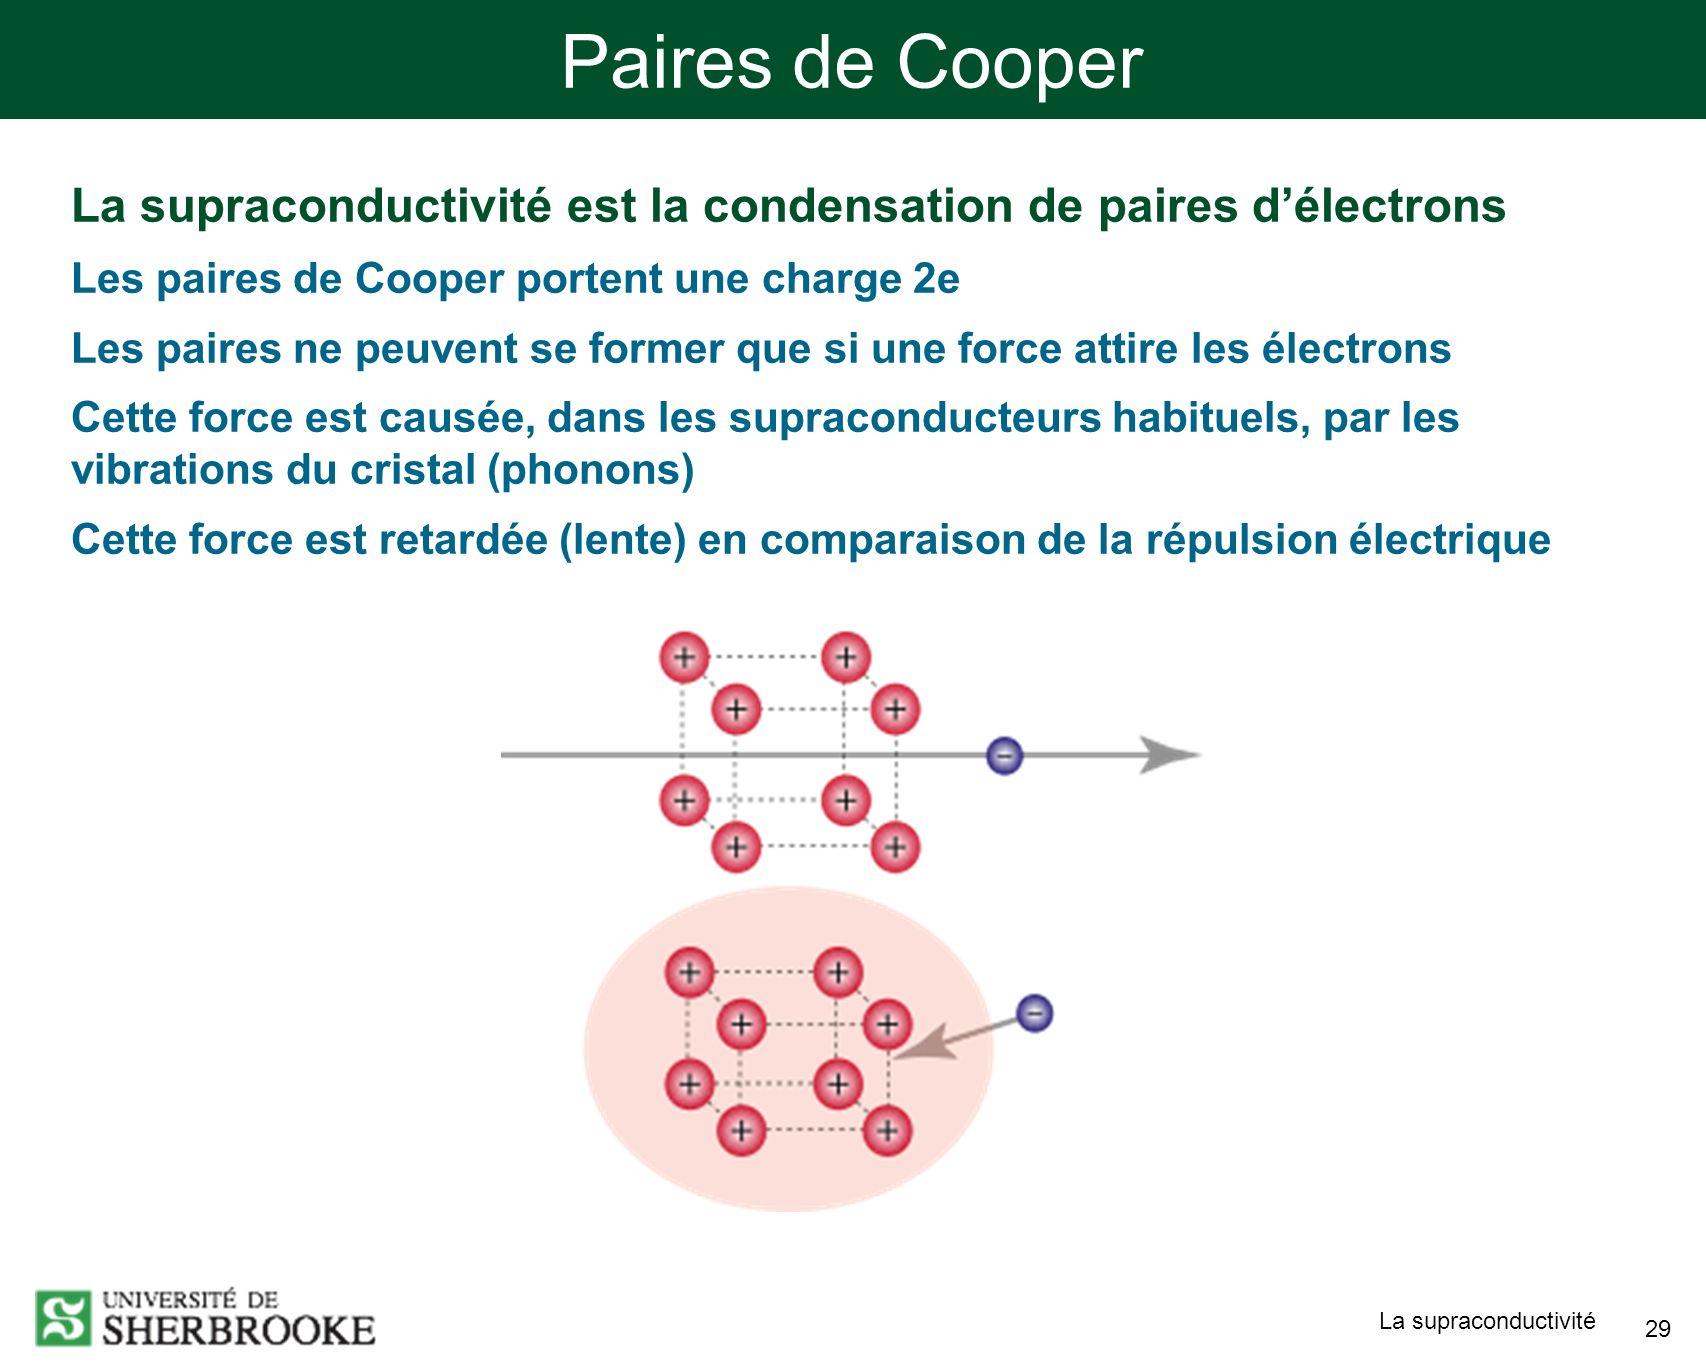 Paires de Cooper La supraconductivité est la condensation de paires d'électrons. Les paires de Cooper portent une charge 2e.